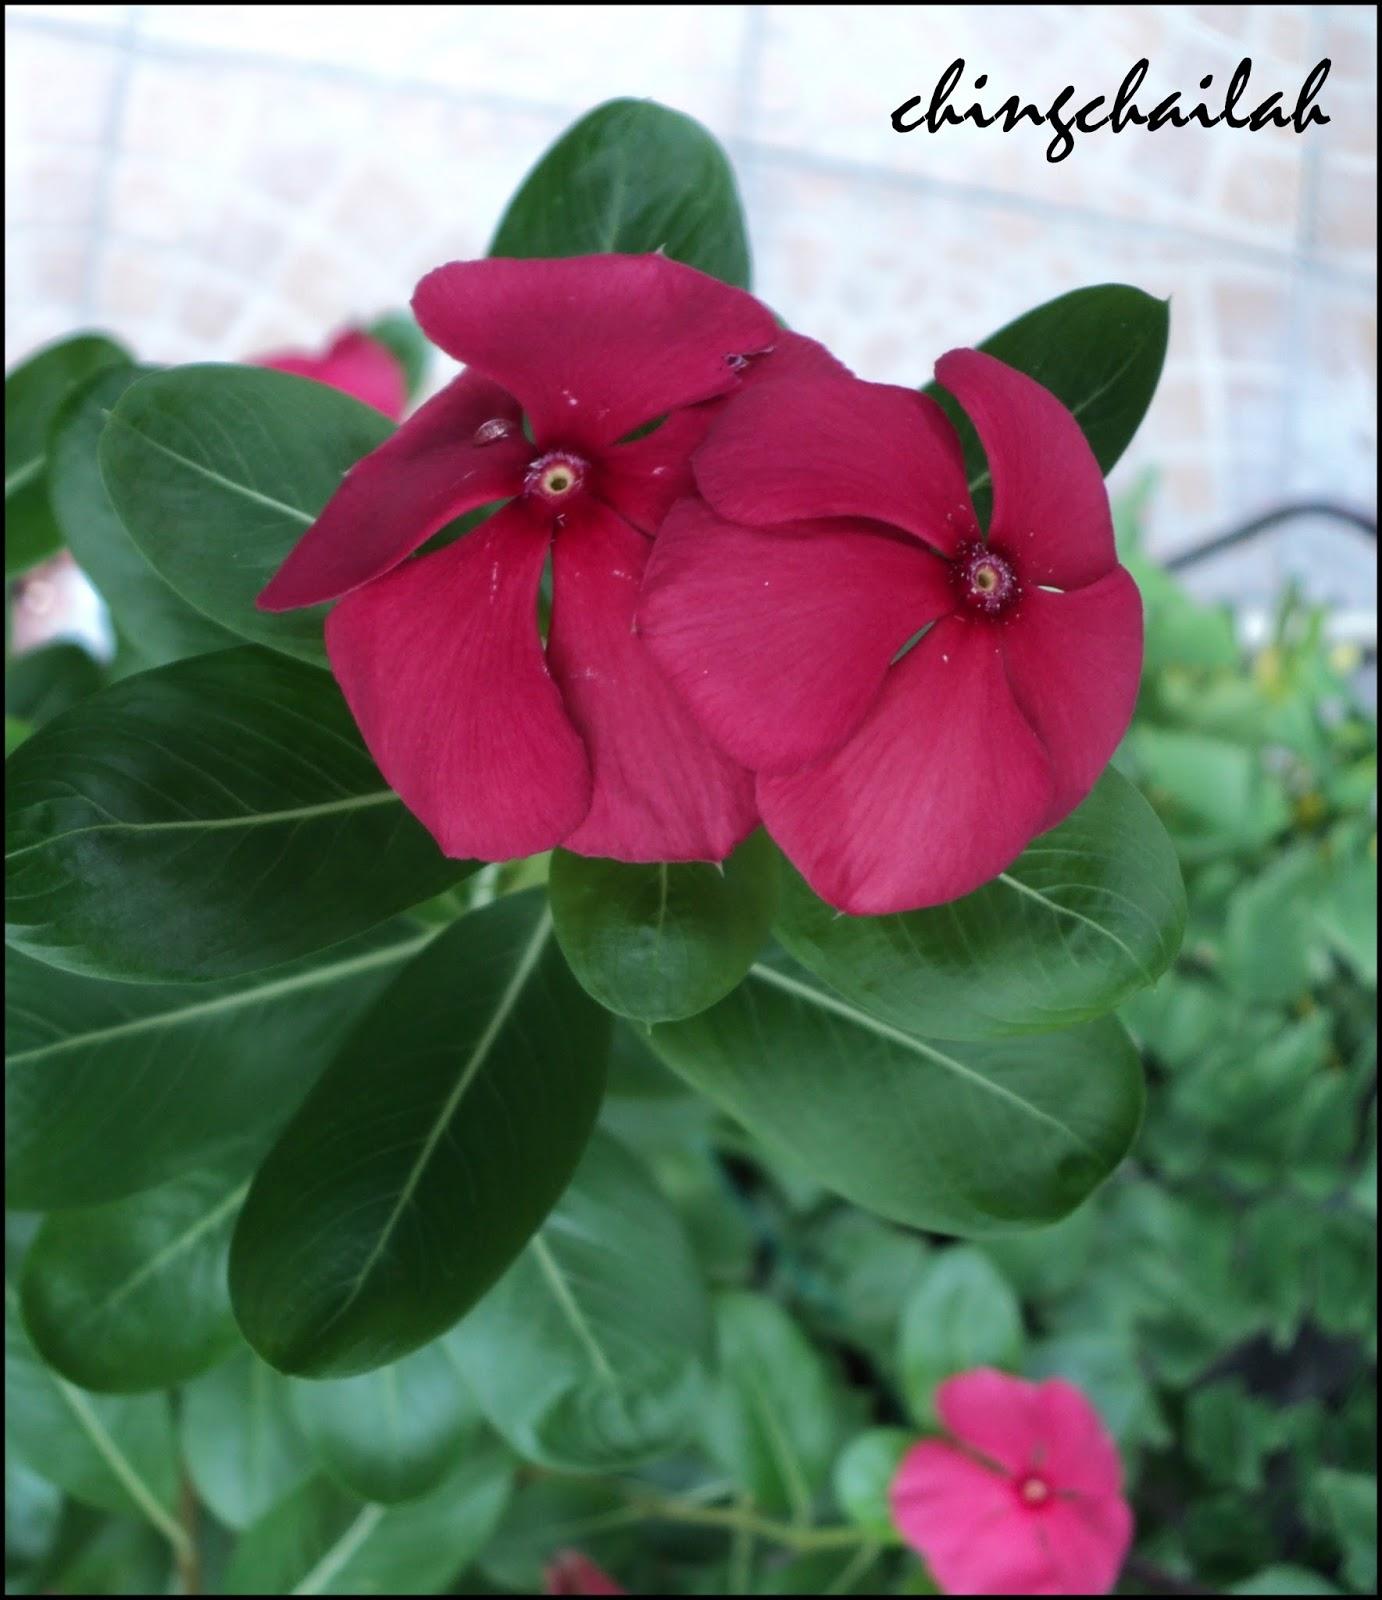 Simple living in nancy growing rosy periwinkle plants in my garden growing rosy periwinkle plants in my garden mightylinksfo